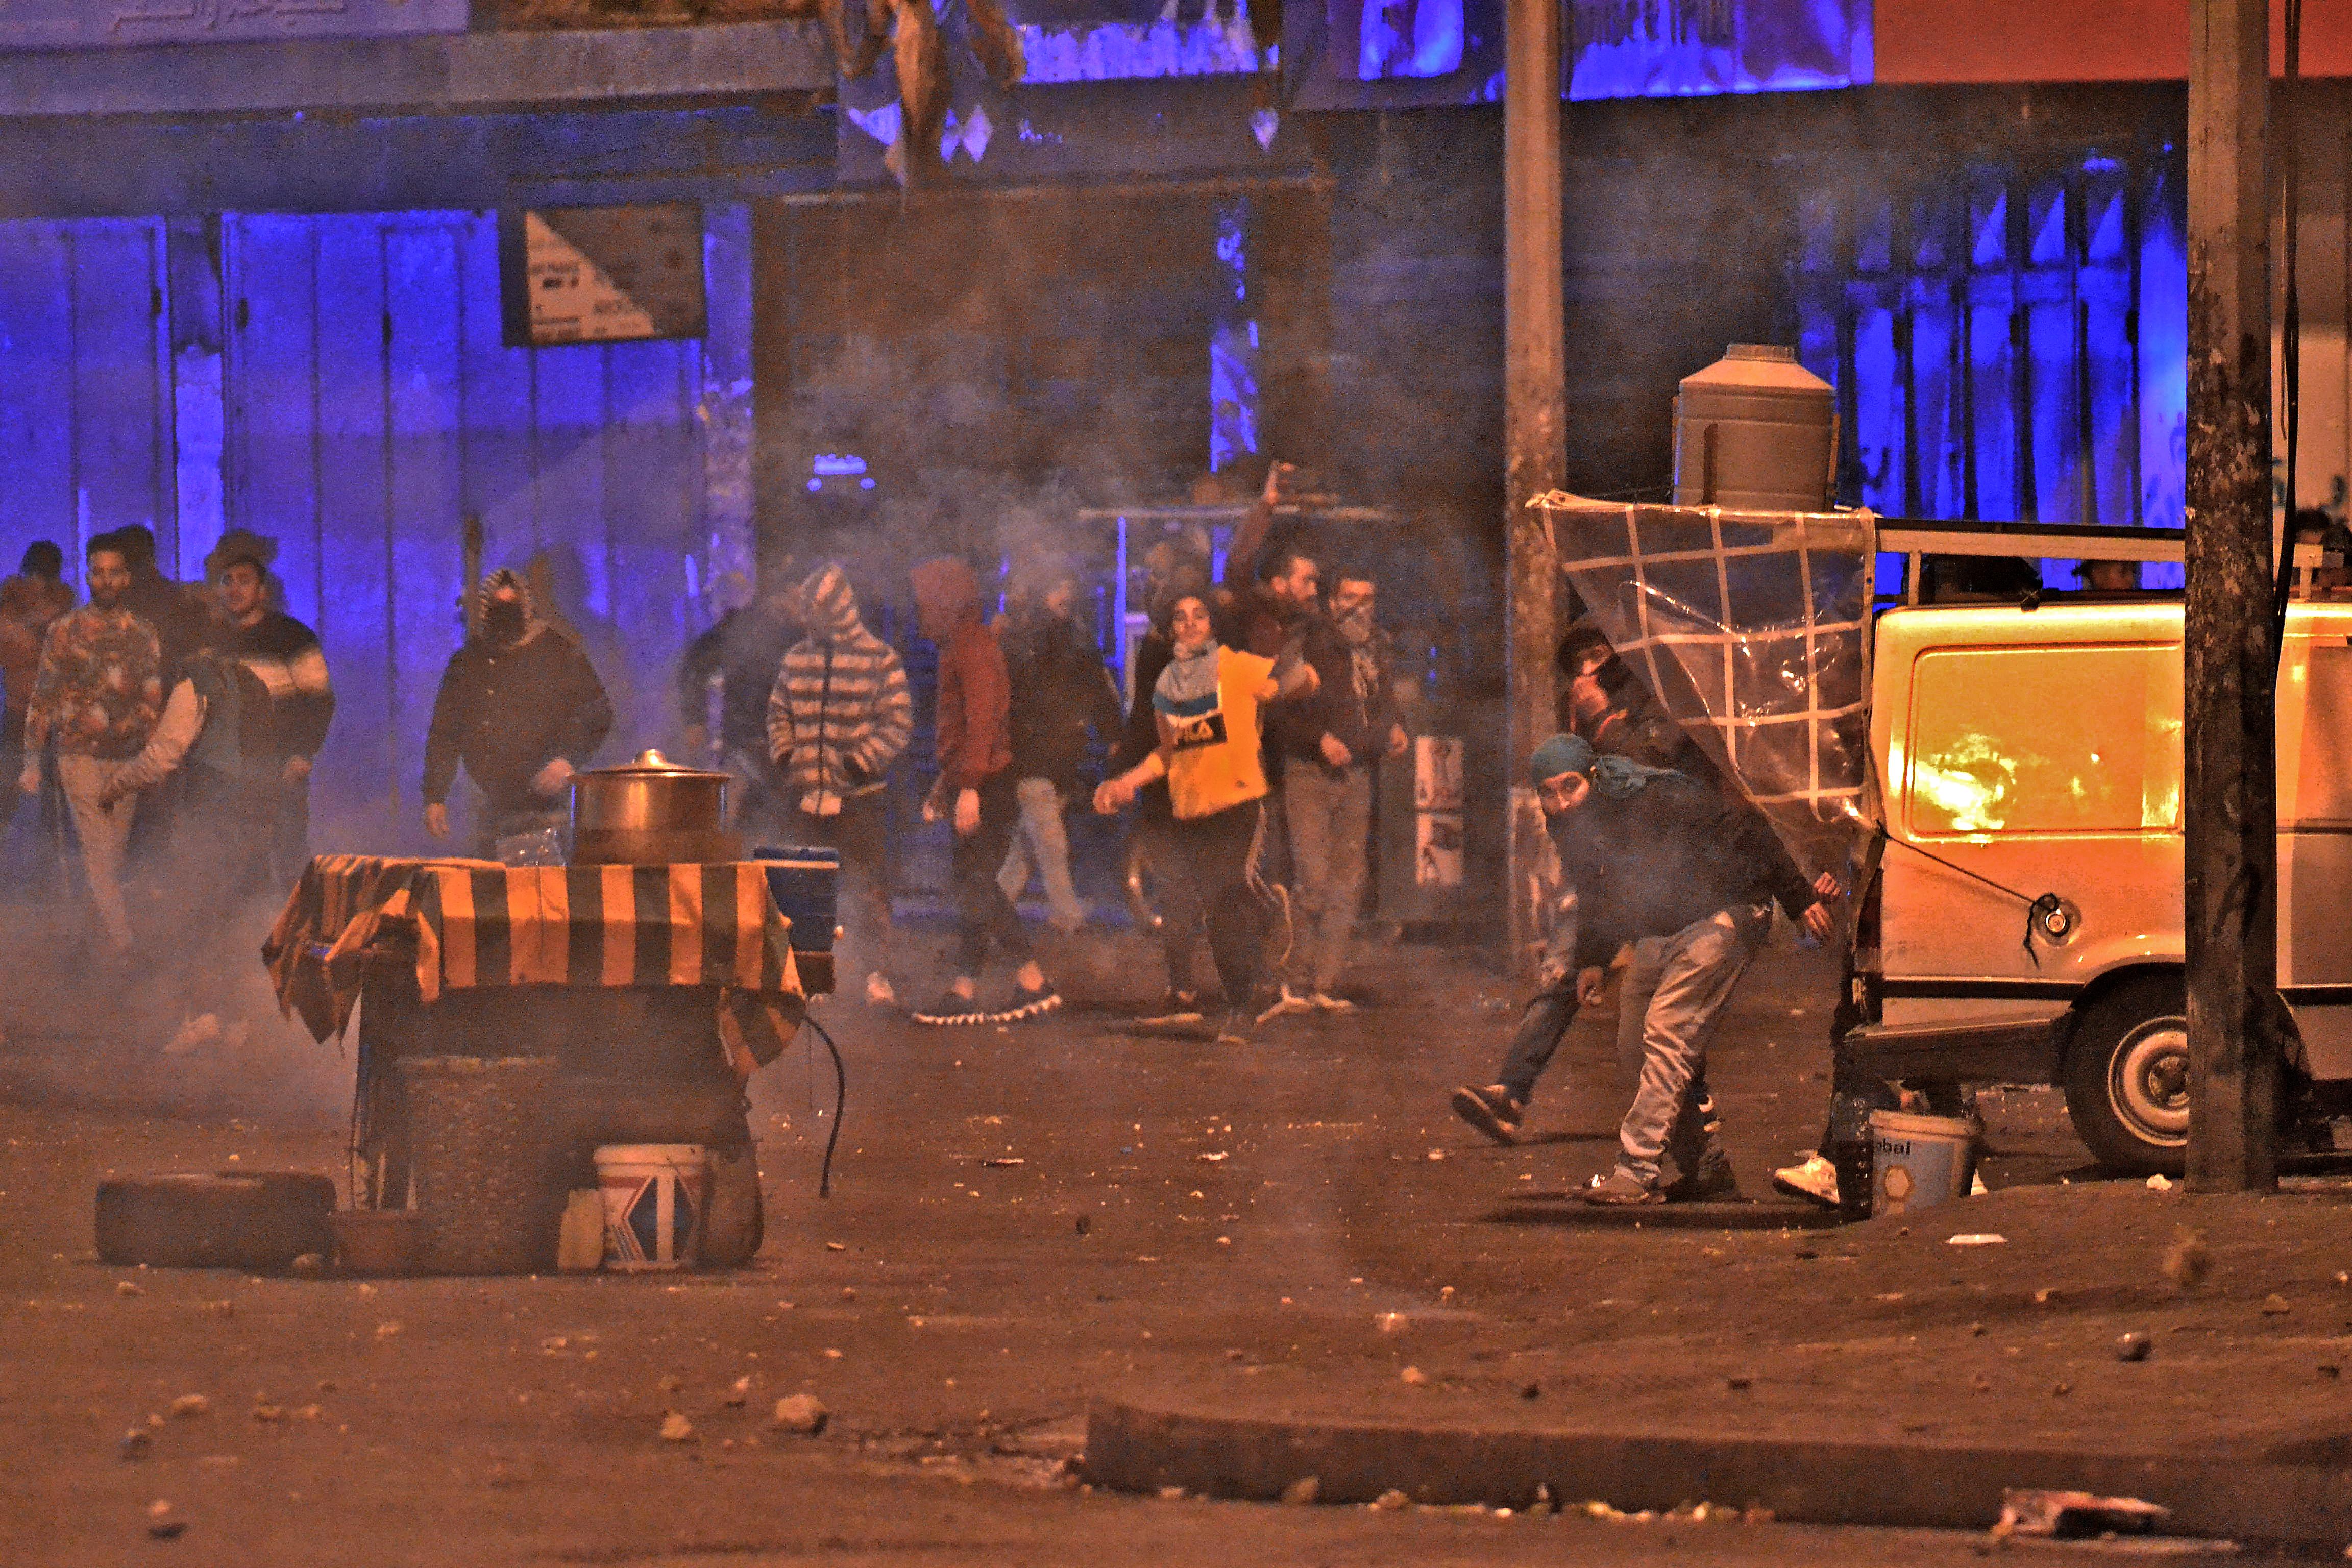 مواجهات في طرابلس بسبب الوضع الاقتصادي المتردي في لبنان وإجراءات الإغلاق